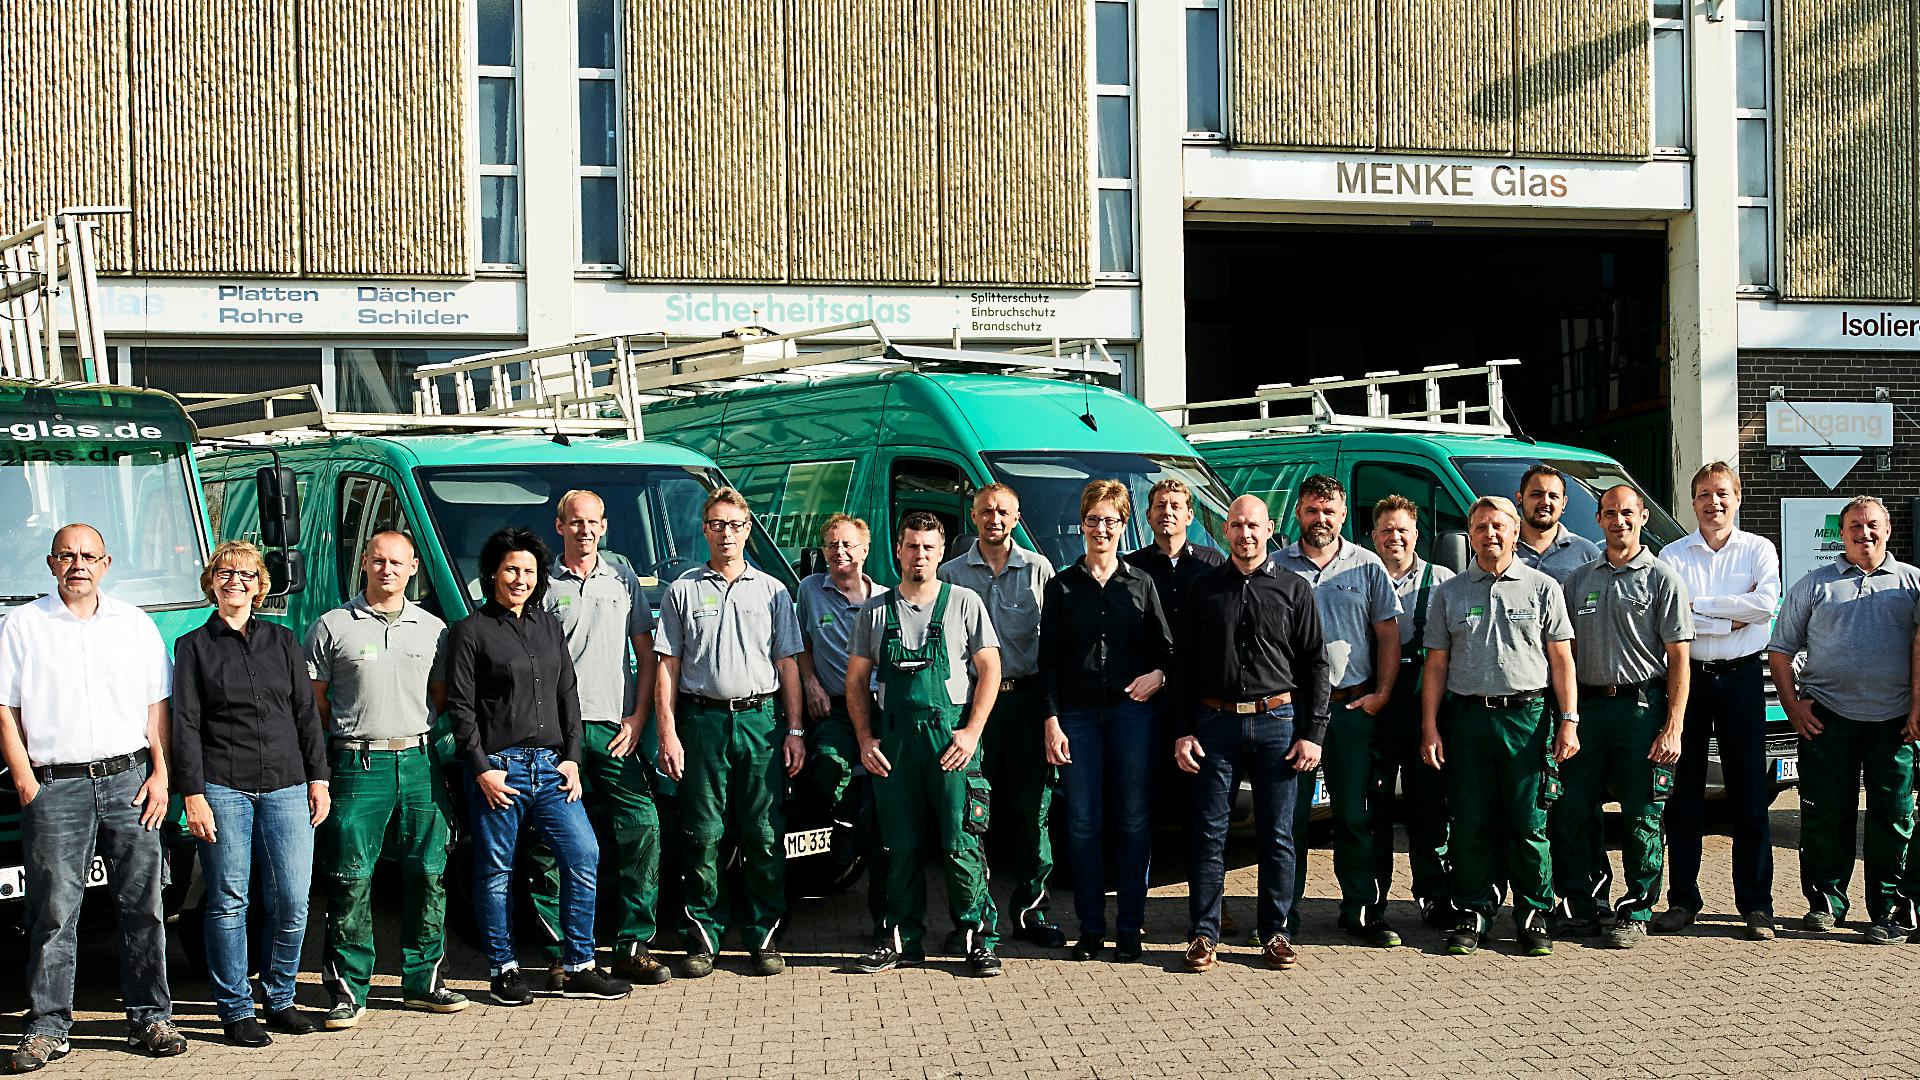 Gruppenbilder der Mitarbeiter von Menke-Glas vor deren Produktion in Bielefeld